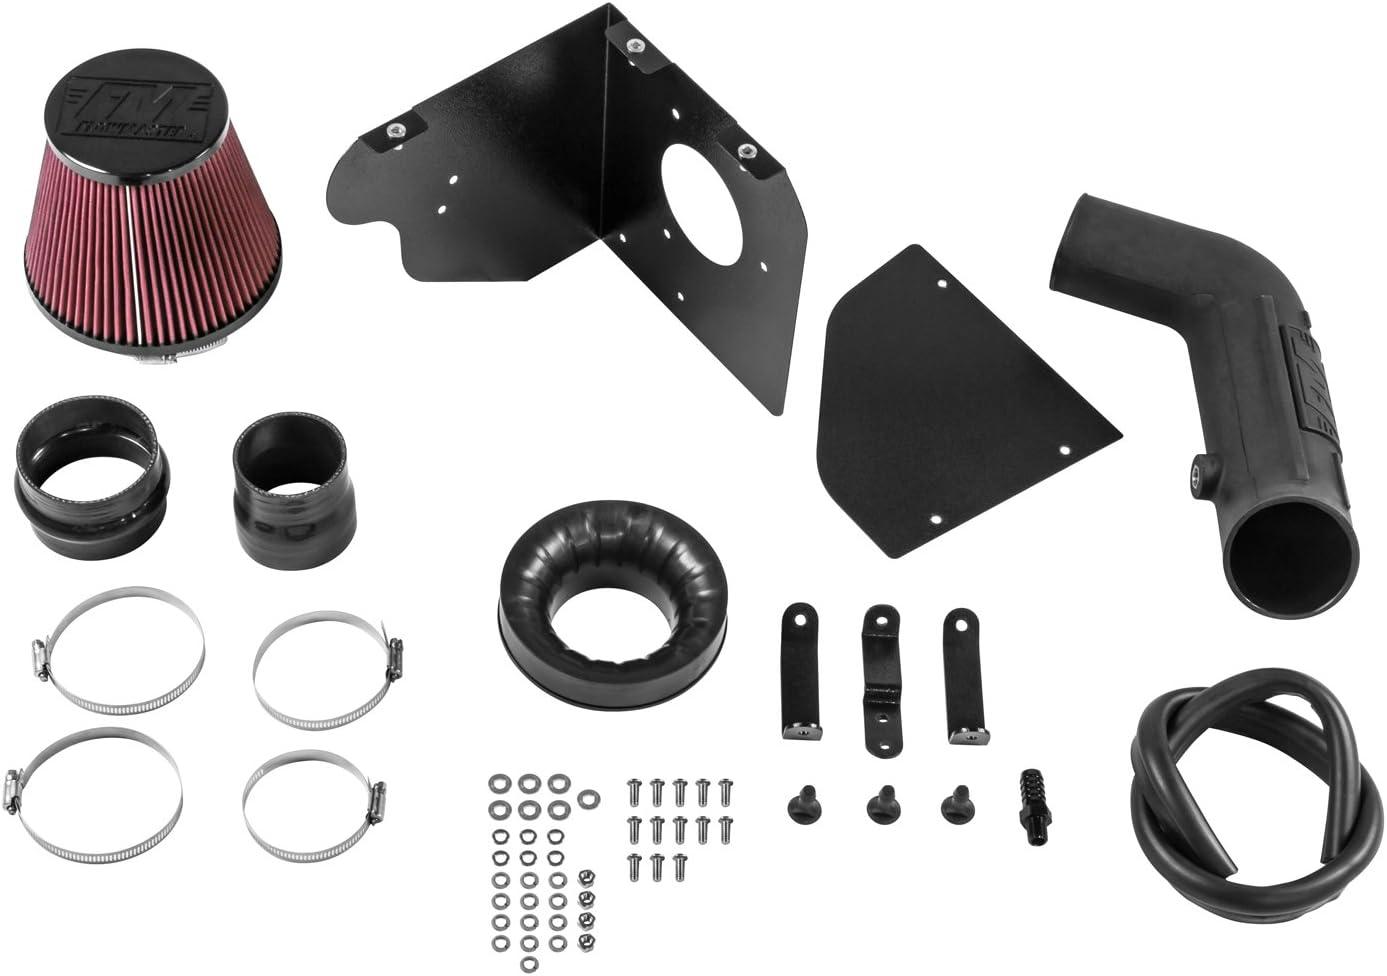 Flowmaster 615142 Cold Air Intake Kit